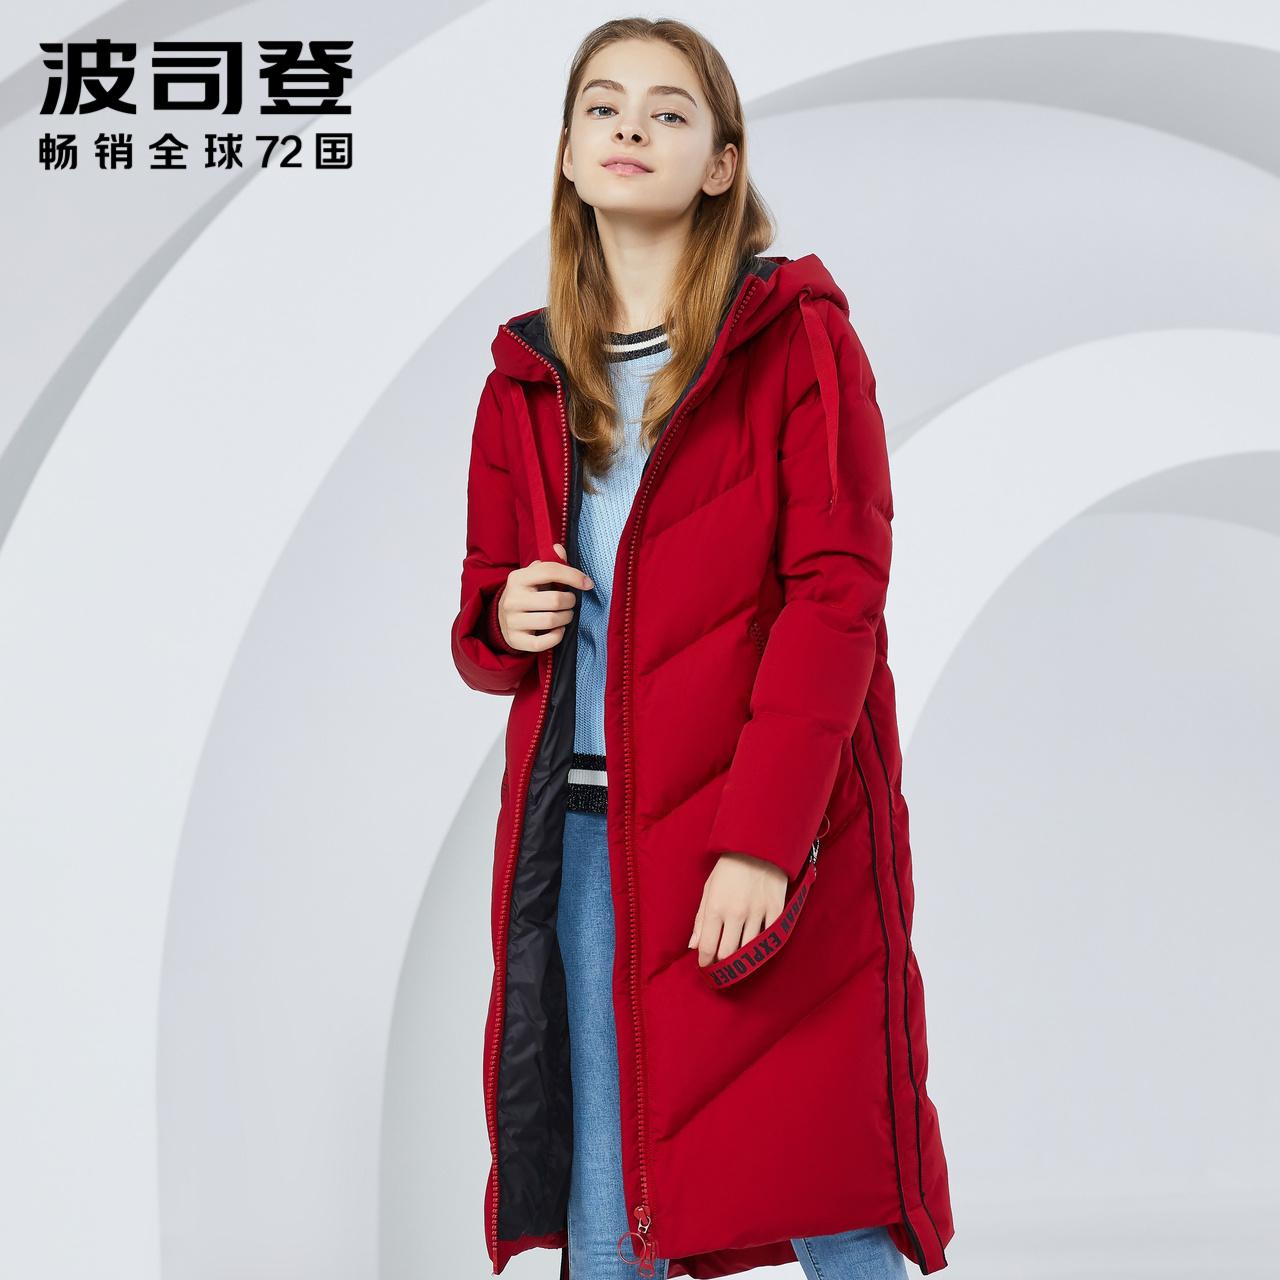 波司登2018新款羽绒服女长款修身显瘦女士时尚冬装外套B1042